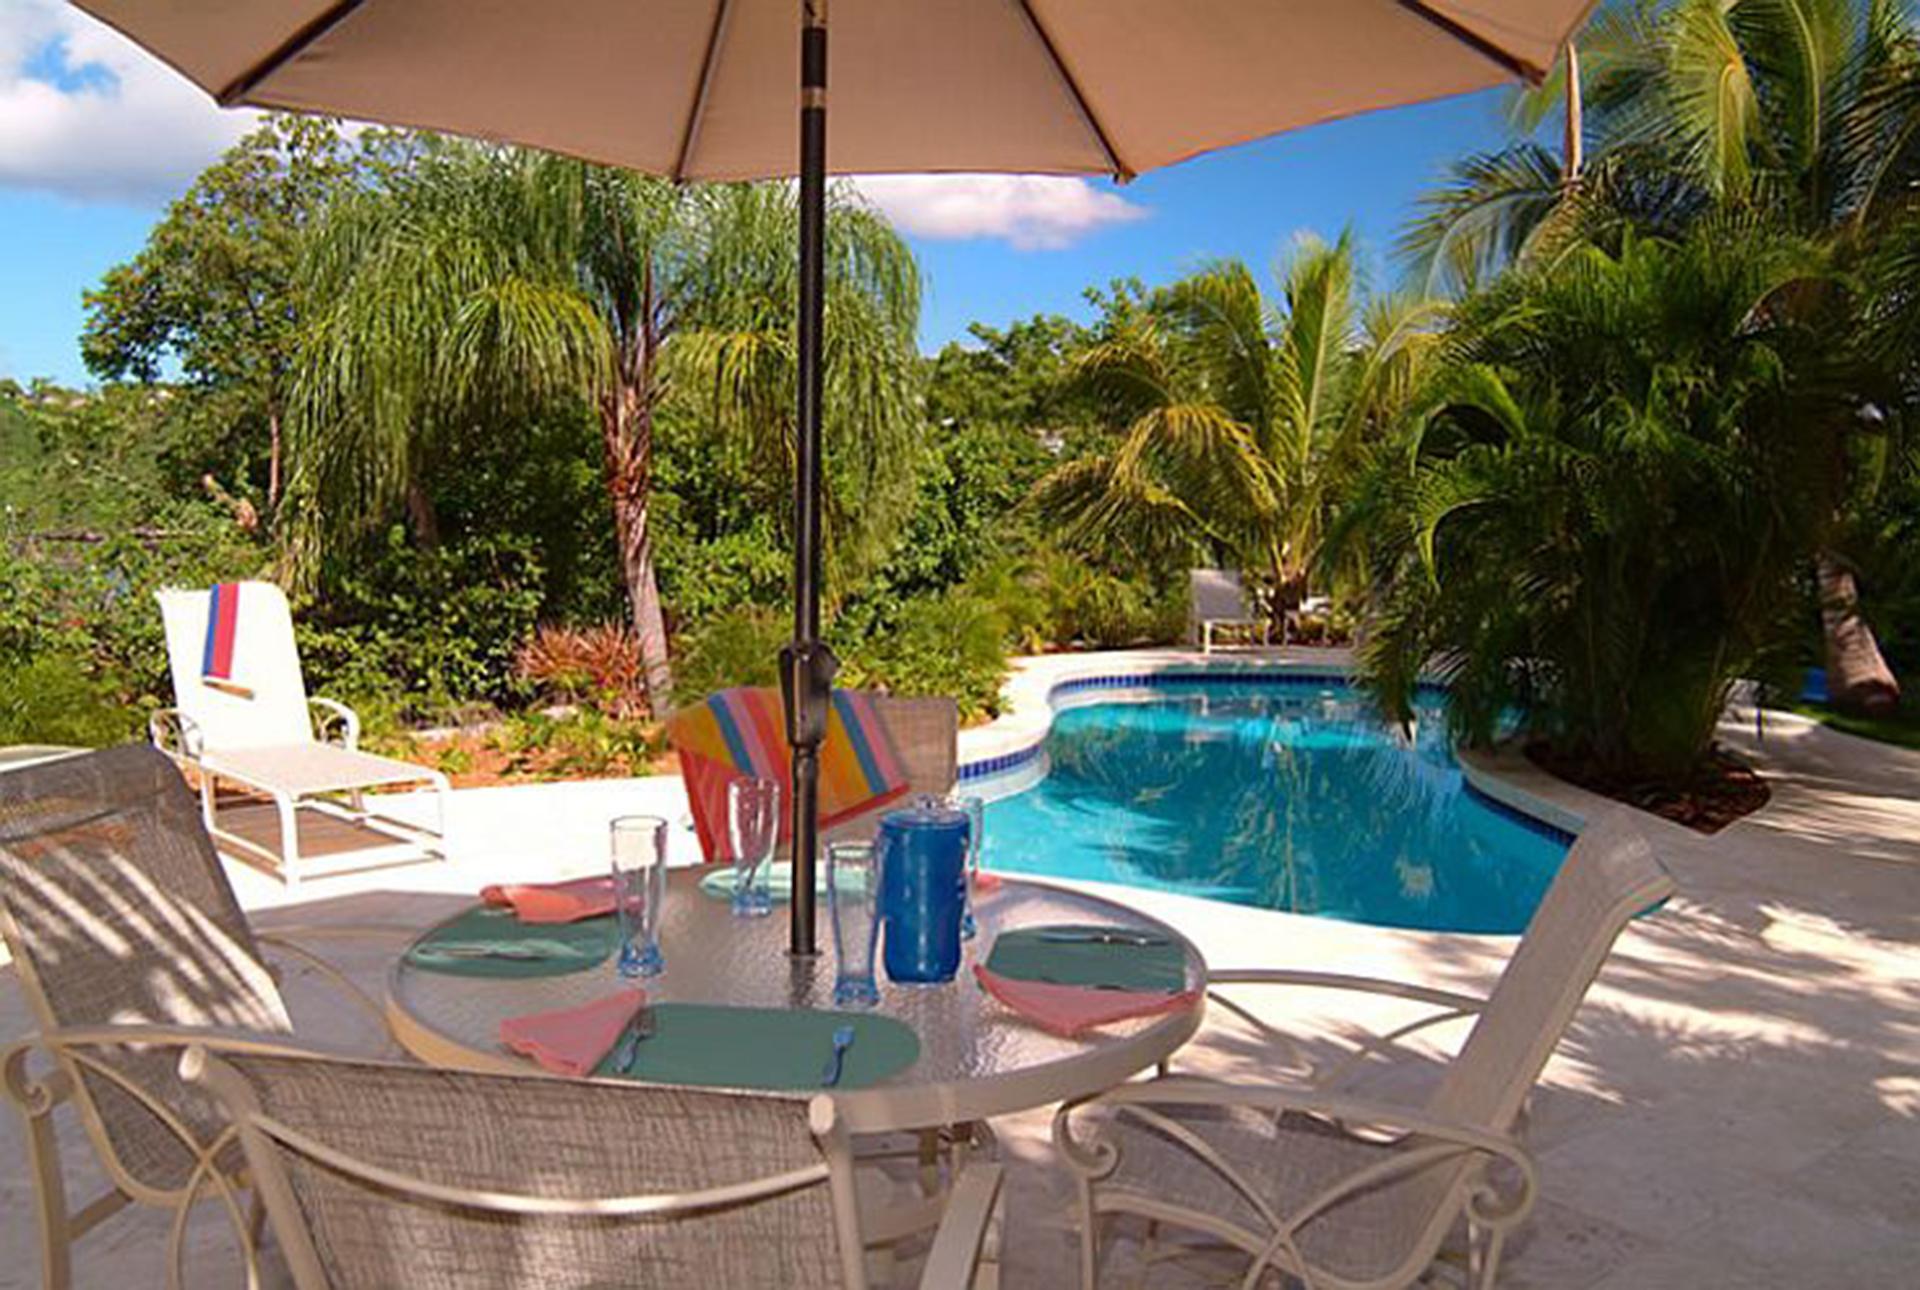 Pool-side-dining.jpg